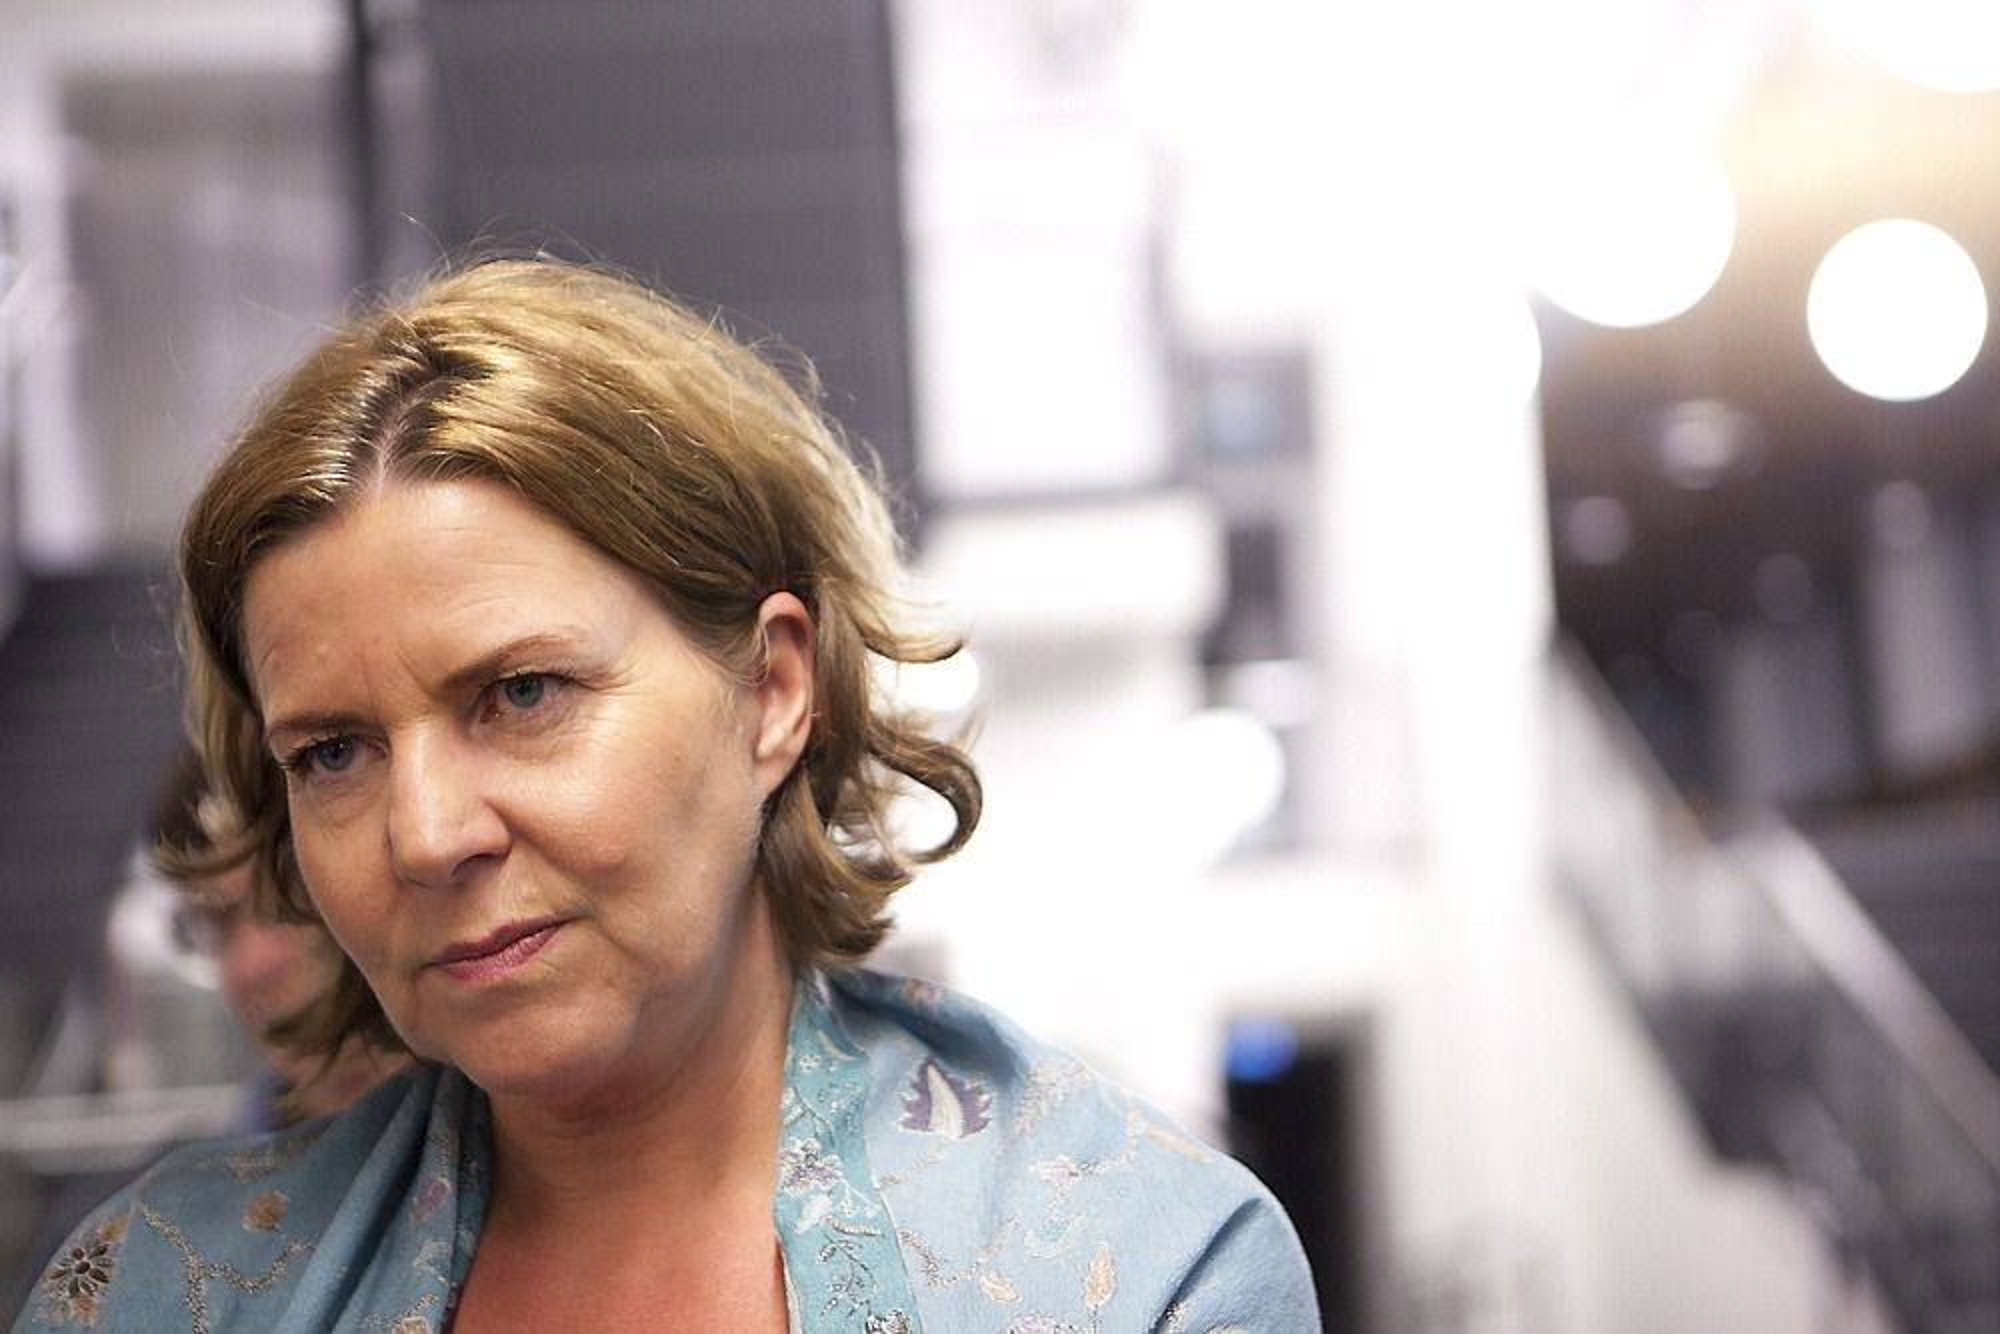 TOK GREP: Arbeidsminister Hanne Bjurstrøm gikk inn med tvungen lønnsnemd i oljekonflikten etter møte med Forbundsleder i Industri Energi, Leif Sande.